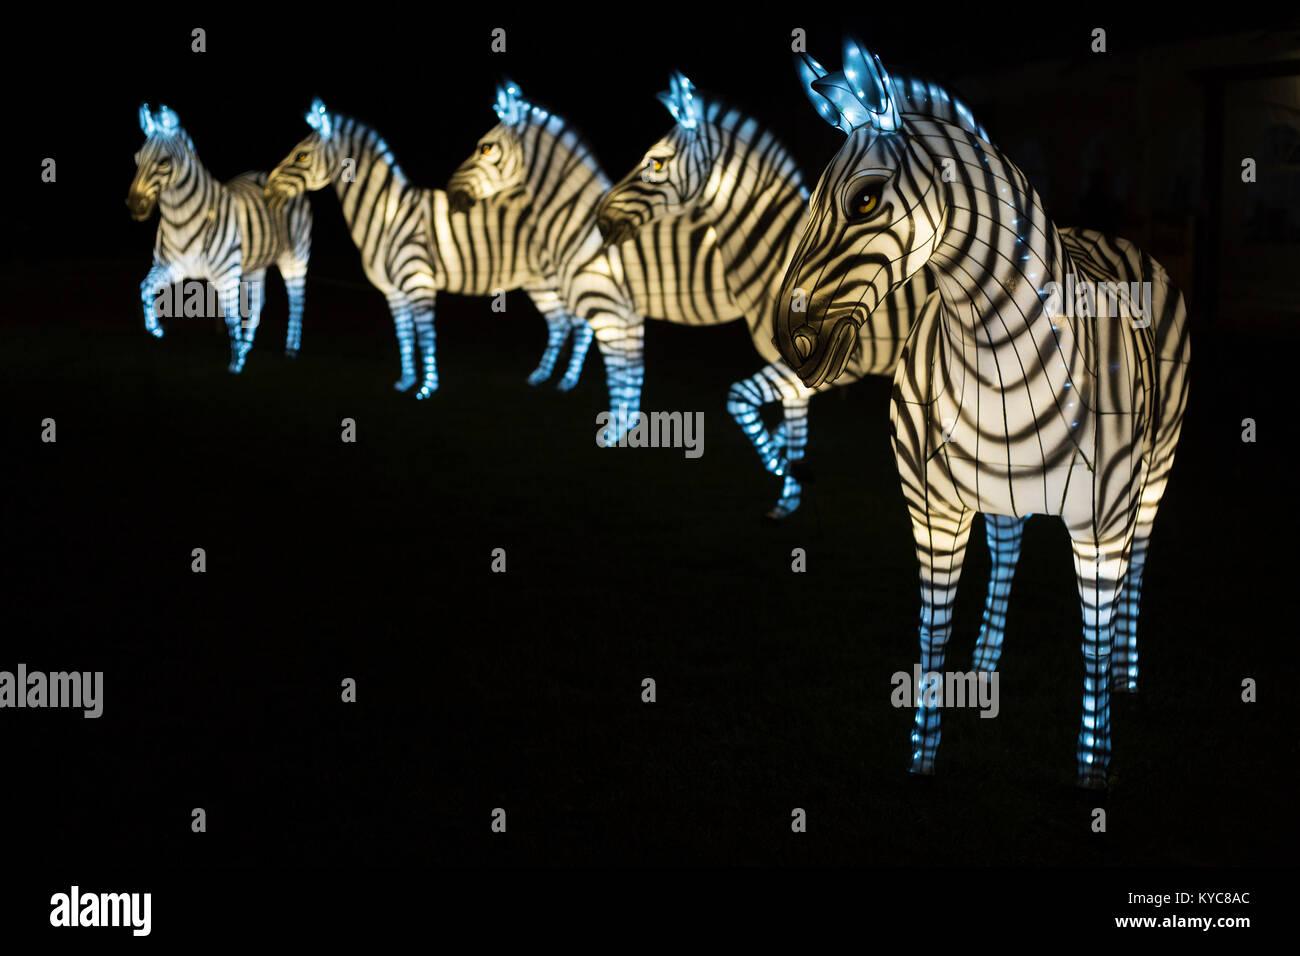 Zebra à l'Illuminasia lanternes Lantern Festival, réalisé à la main par des artisans chinois, Photo Stock